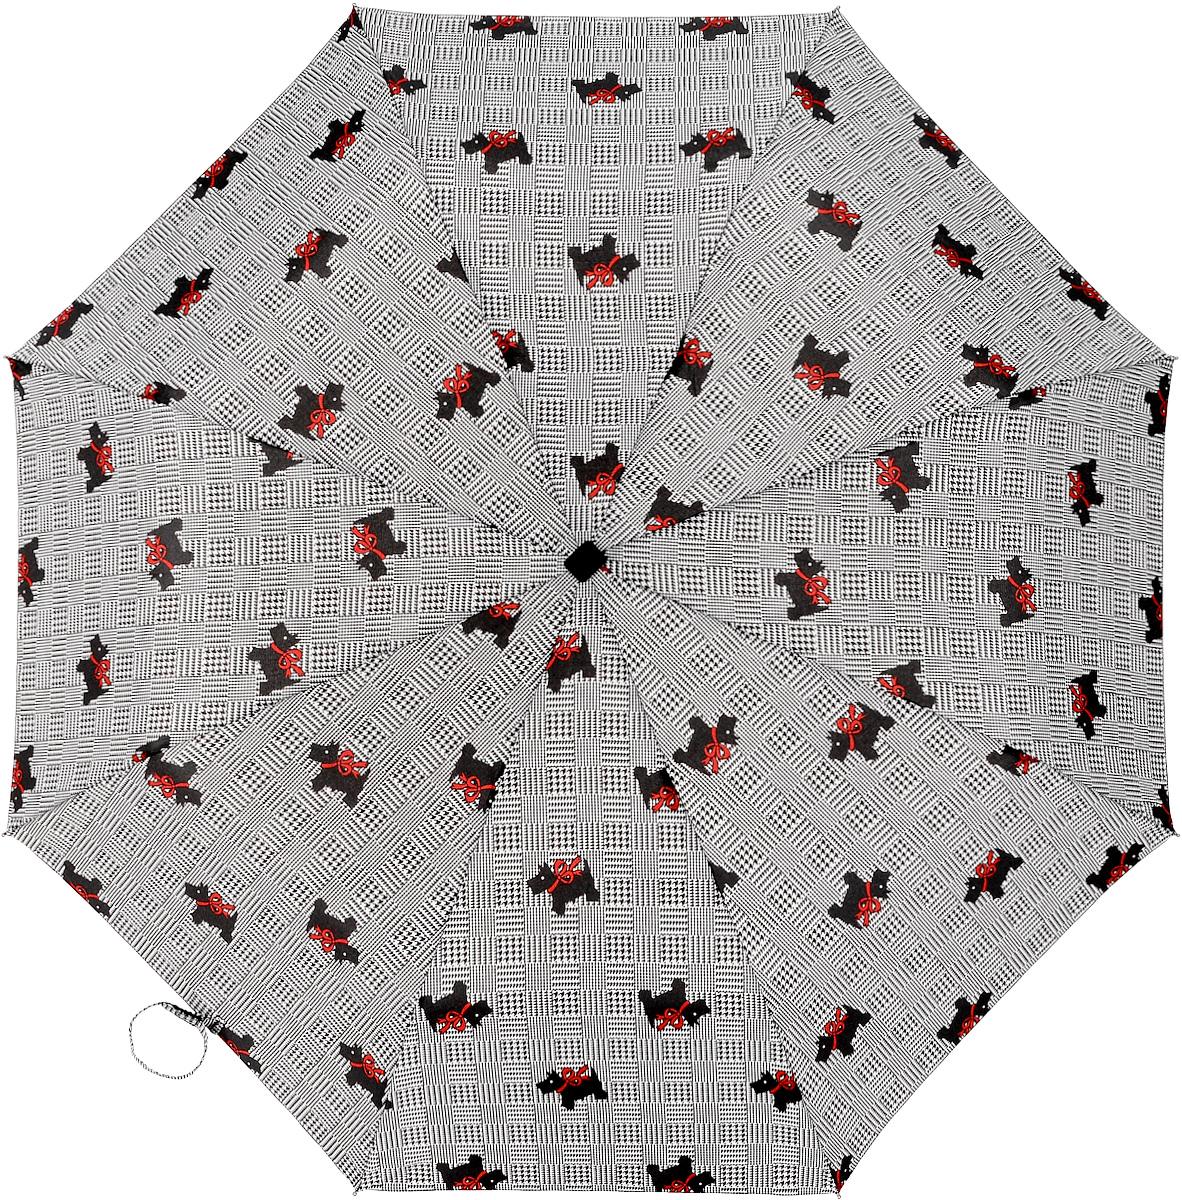 Зонт женский автомат Fulton, расцветка: собачки. J738-1968 ScottyDogJ738-1968 ScottyDogПолный автомат Плоский ветростойкий алюминиевый каркас в 3 сложения 8 спиц длина спиц - 53 см материал купола - полиэстер длина сложенного зонта - 28 см размер 97 см